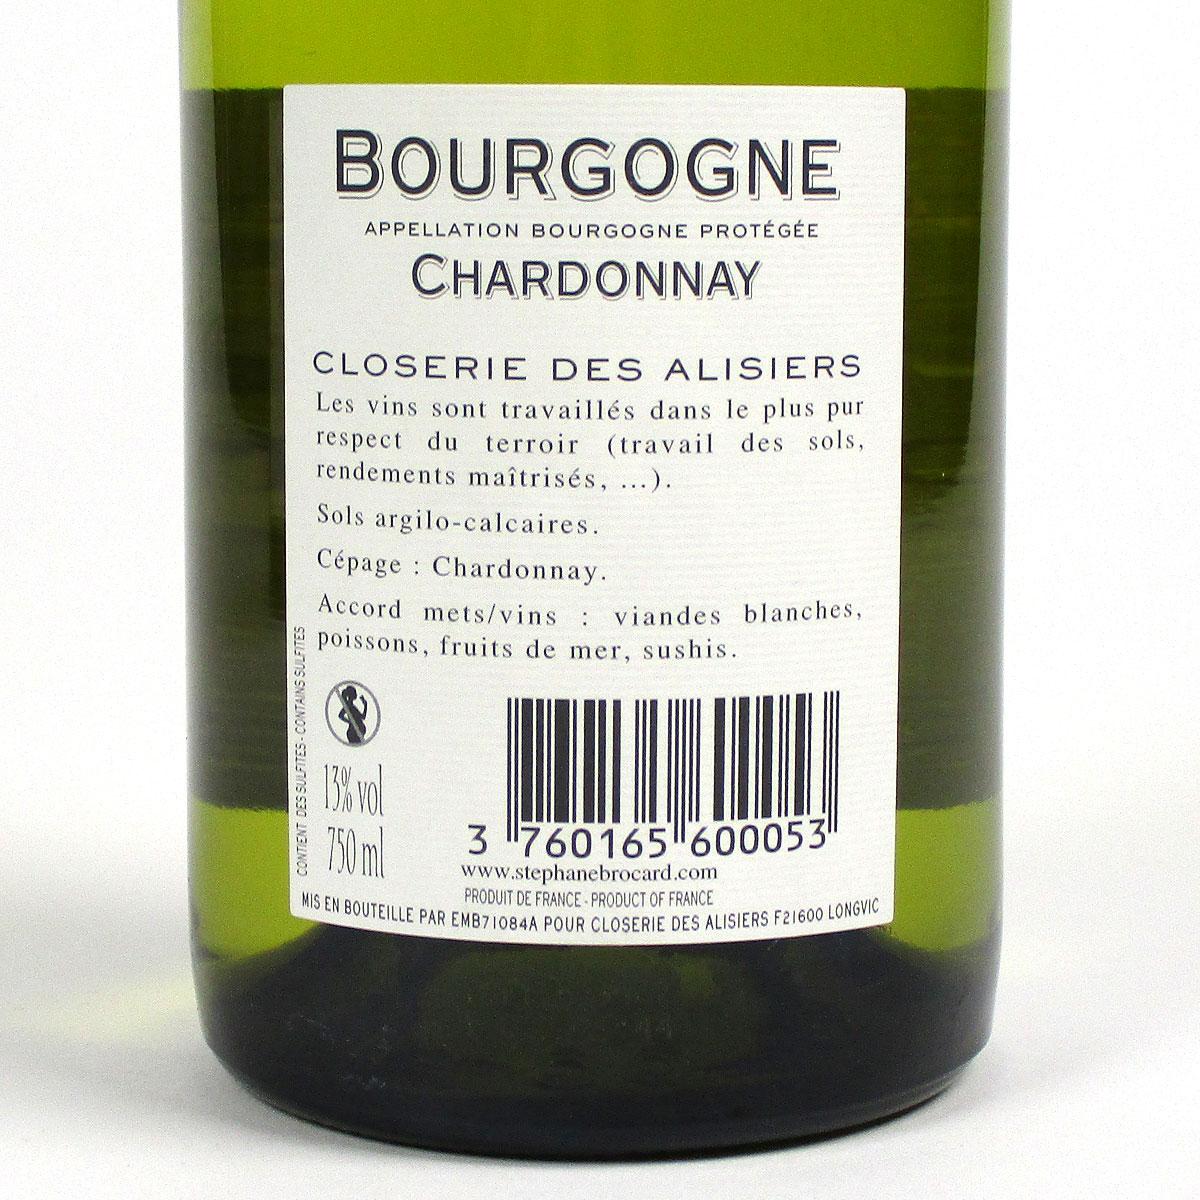 Bourgogne Chardonnay: Closerie des Alisiers 2020 - Bottle Rear Label